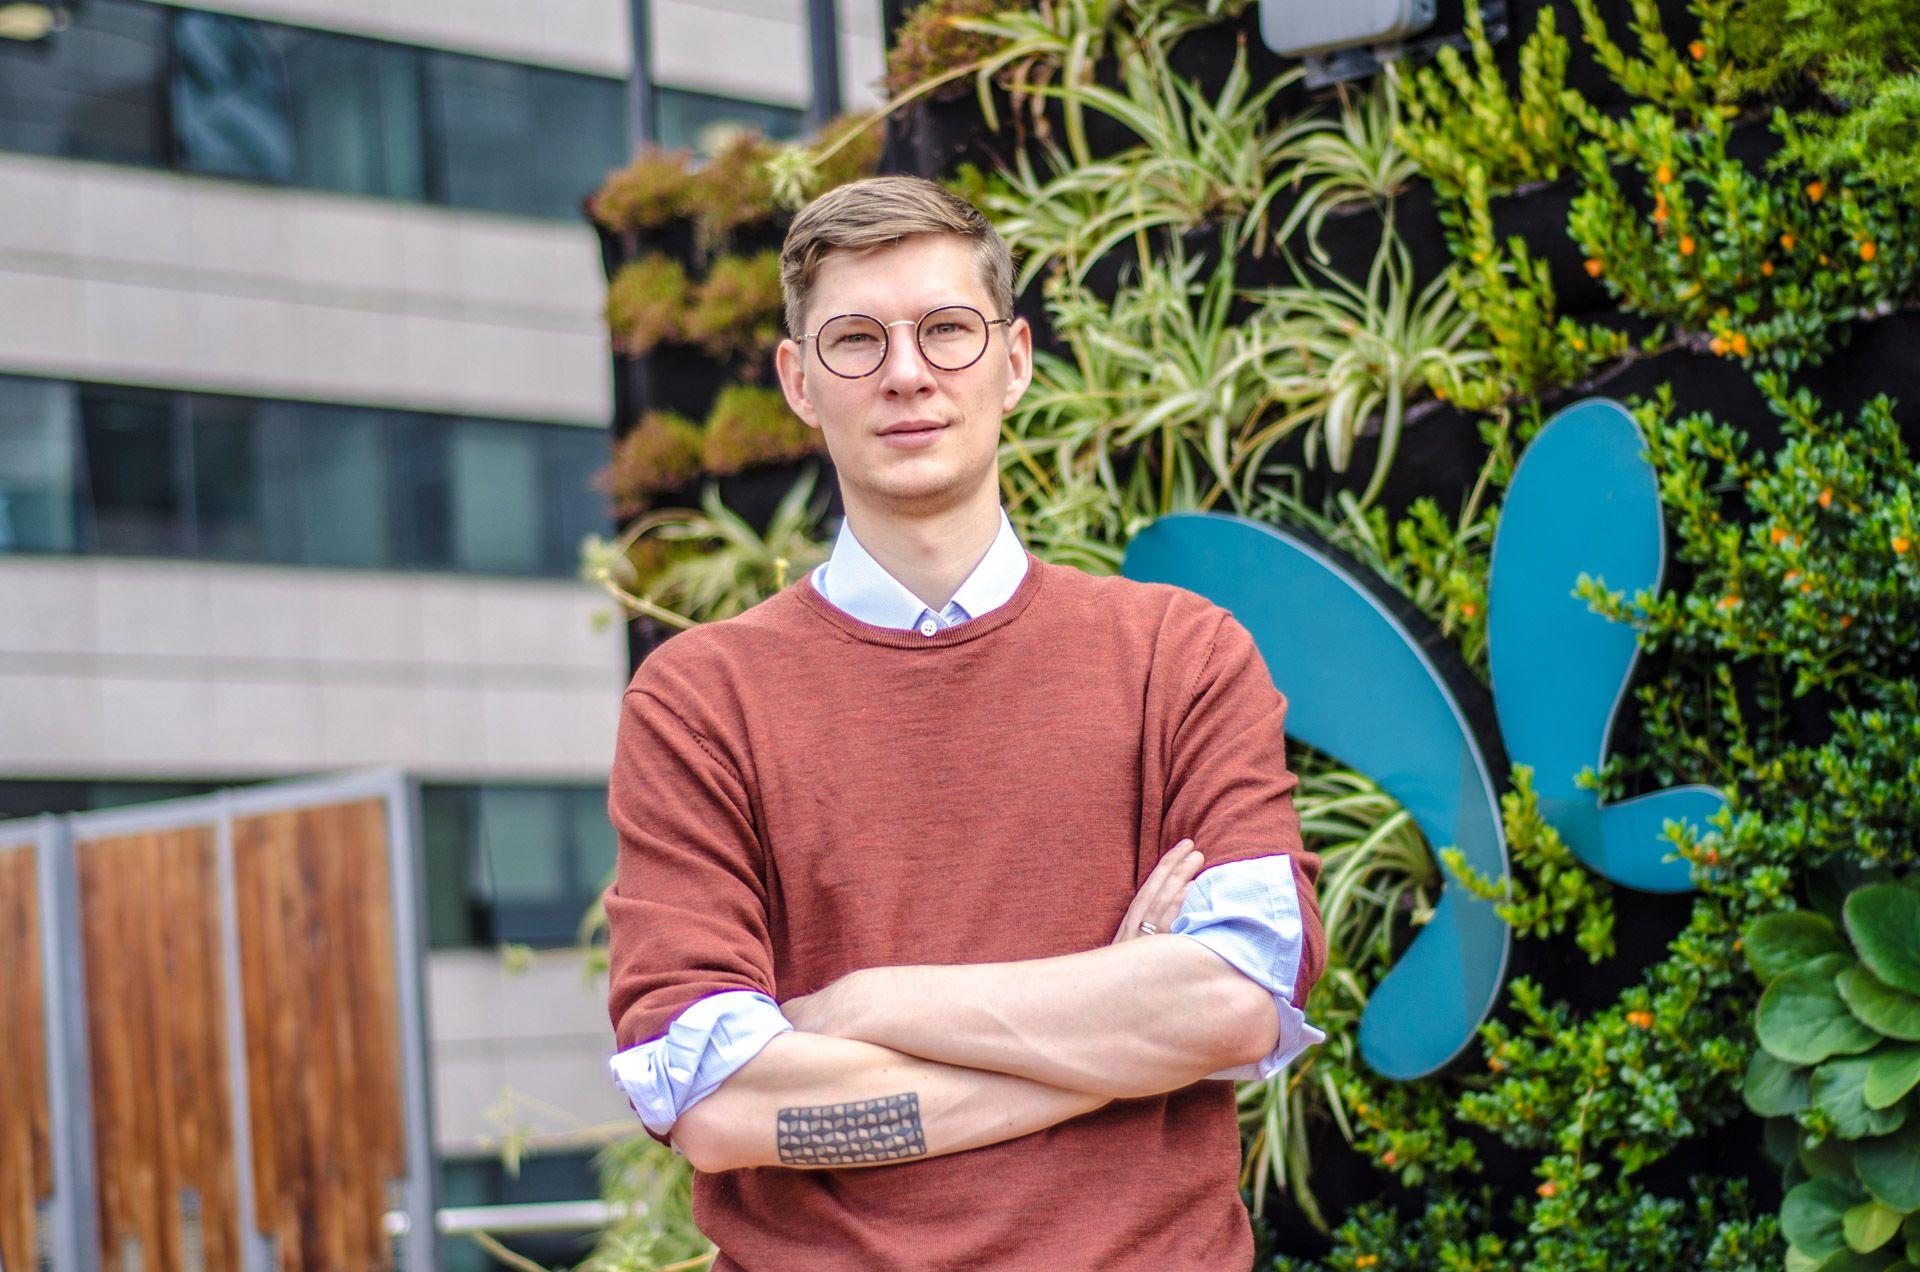 Honeyglider founder, Mads Petersen